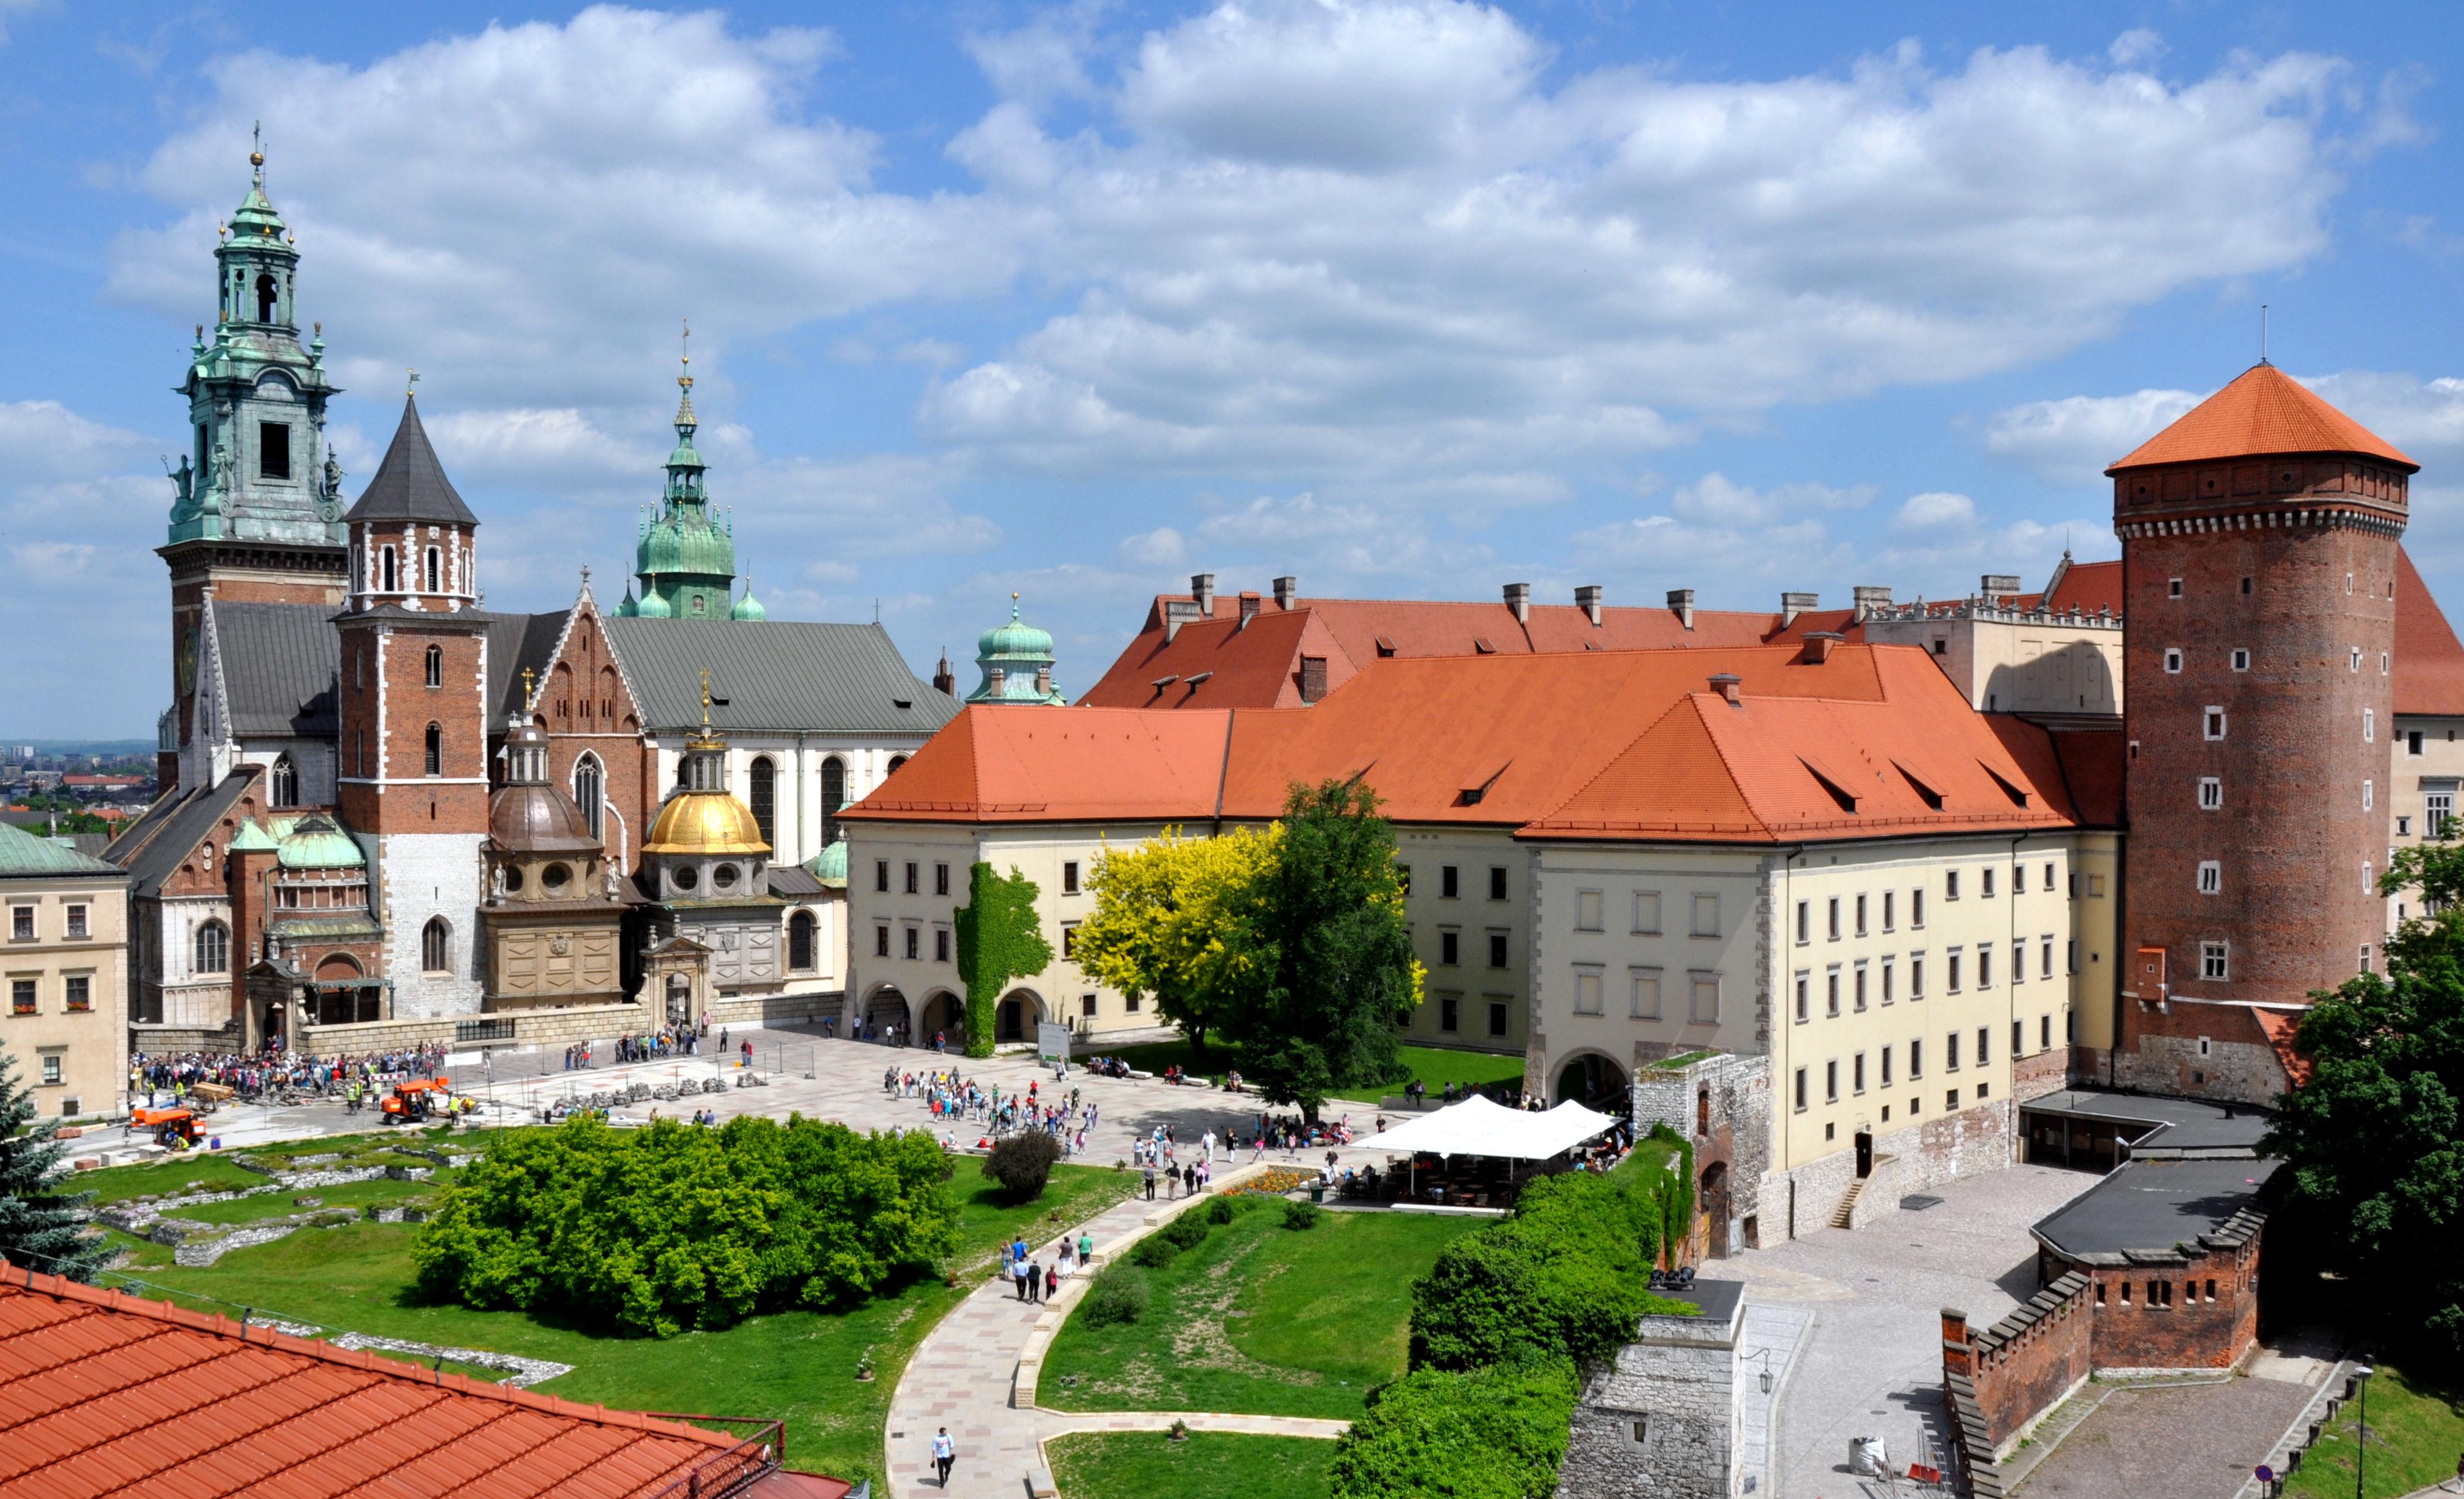 Kraków, Wieliczka, Zakopane